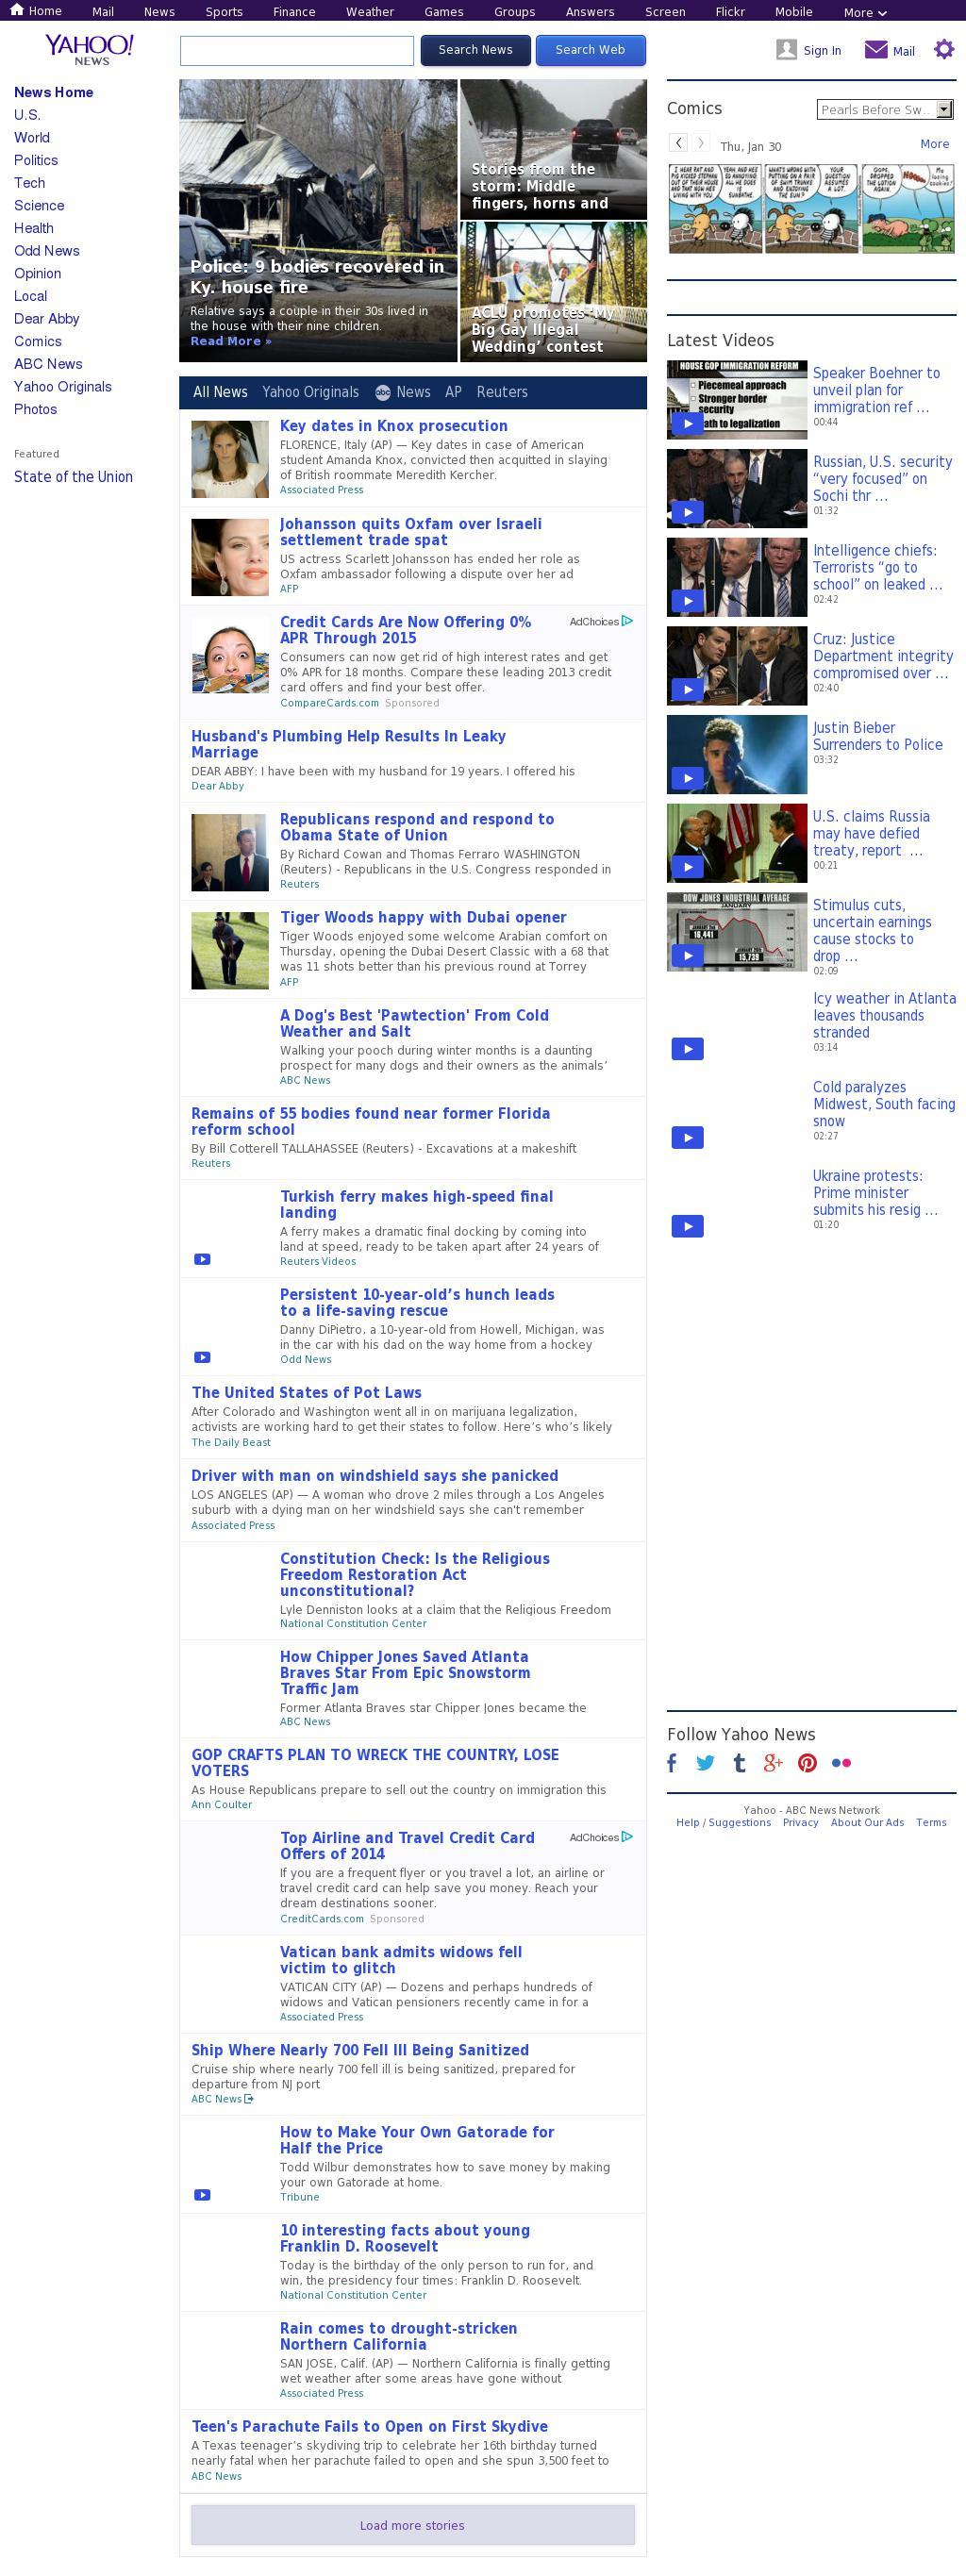 Yahoo! News at Thursday Jan. 30, 2014, 7:24 p.m. UTC